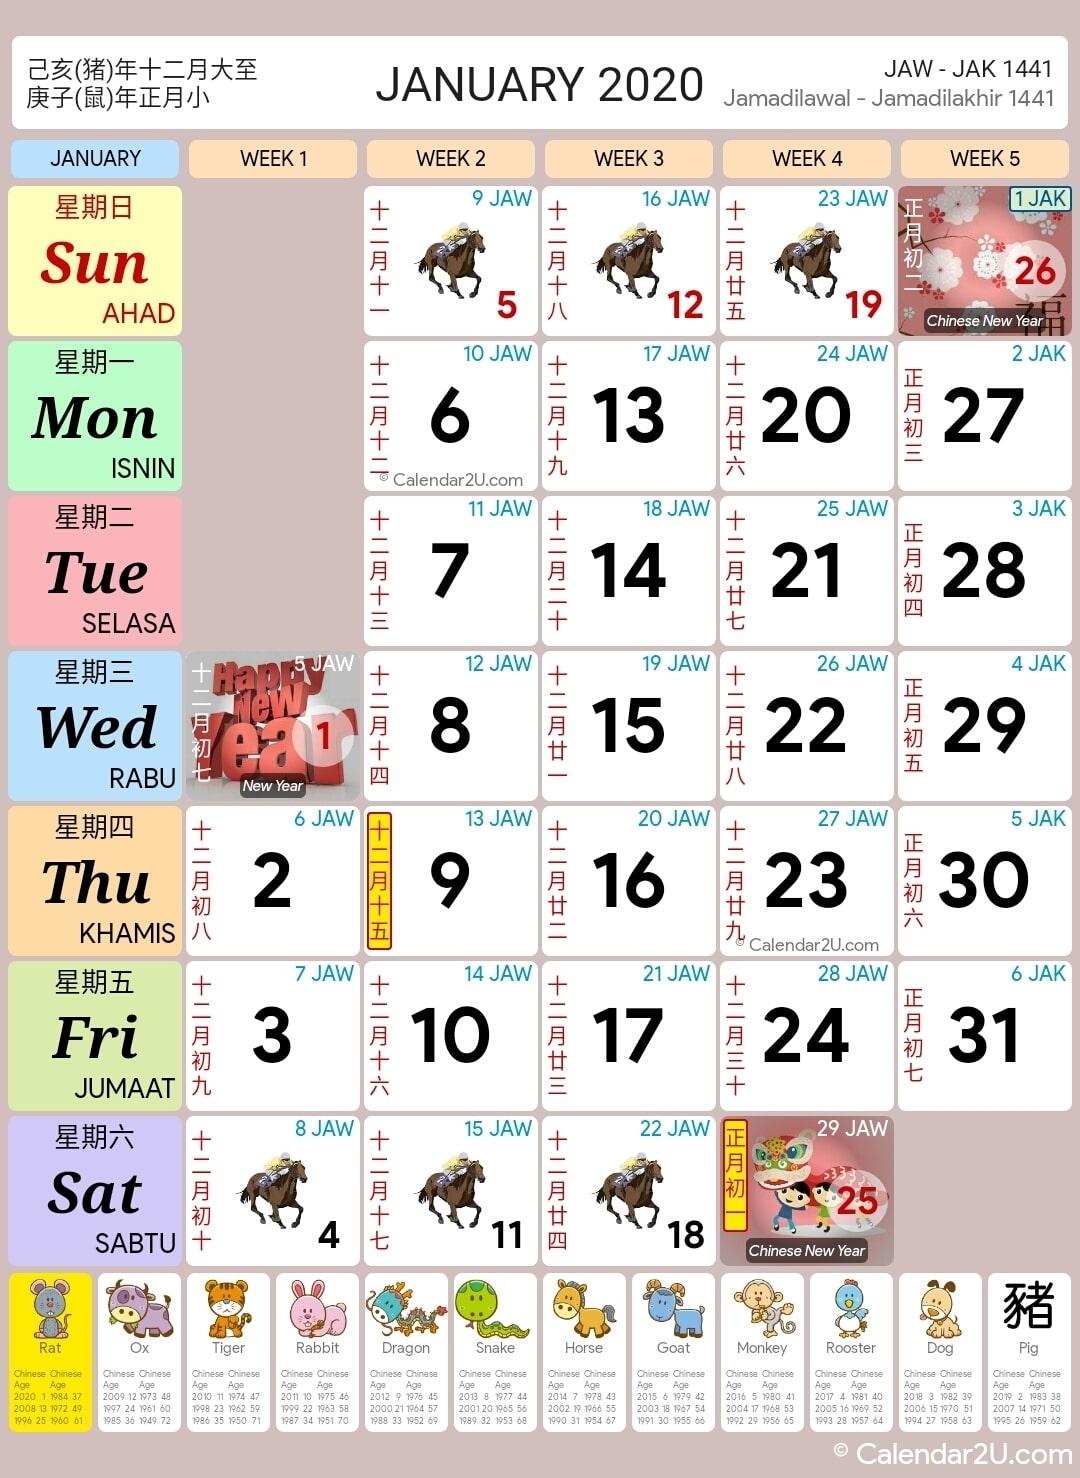 Singapore Calendar Year 2020 - Singapore Calendar